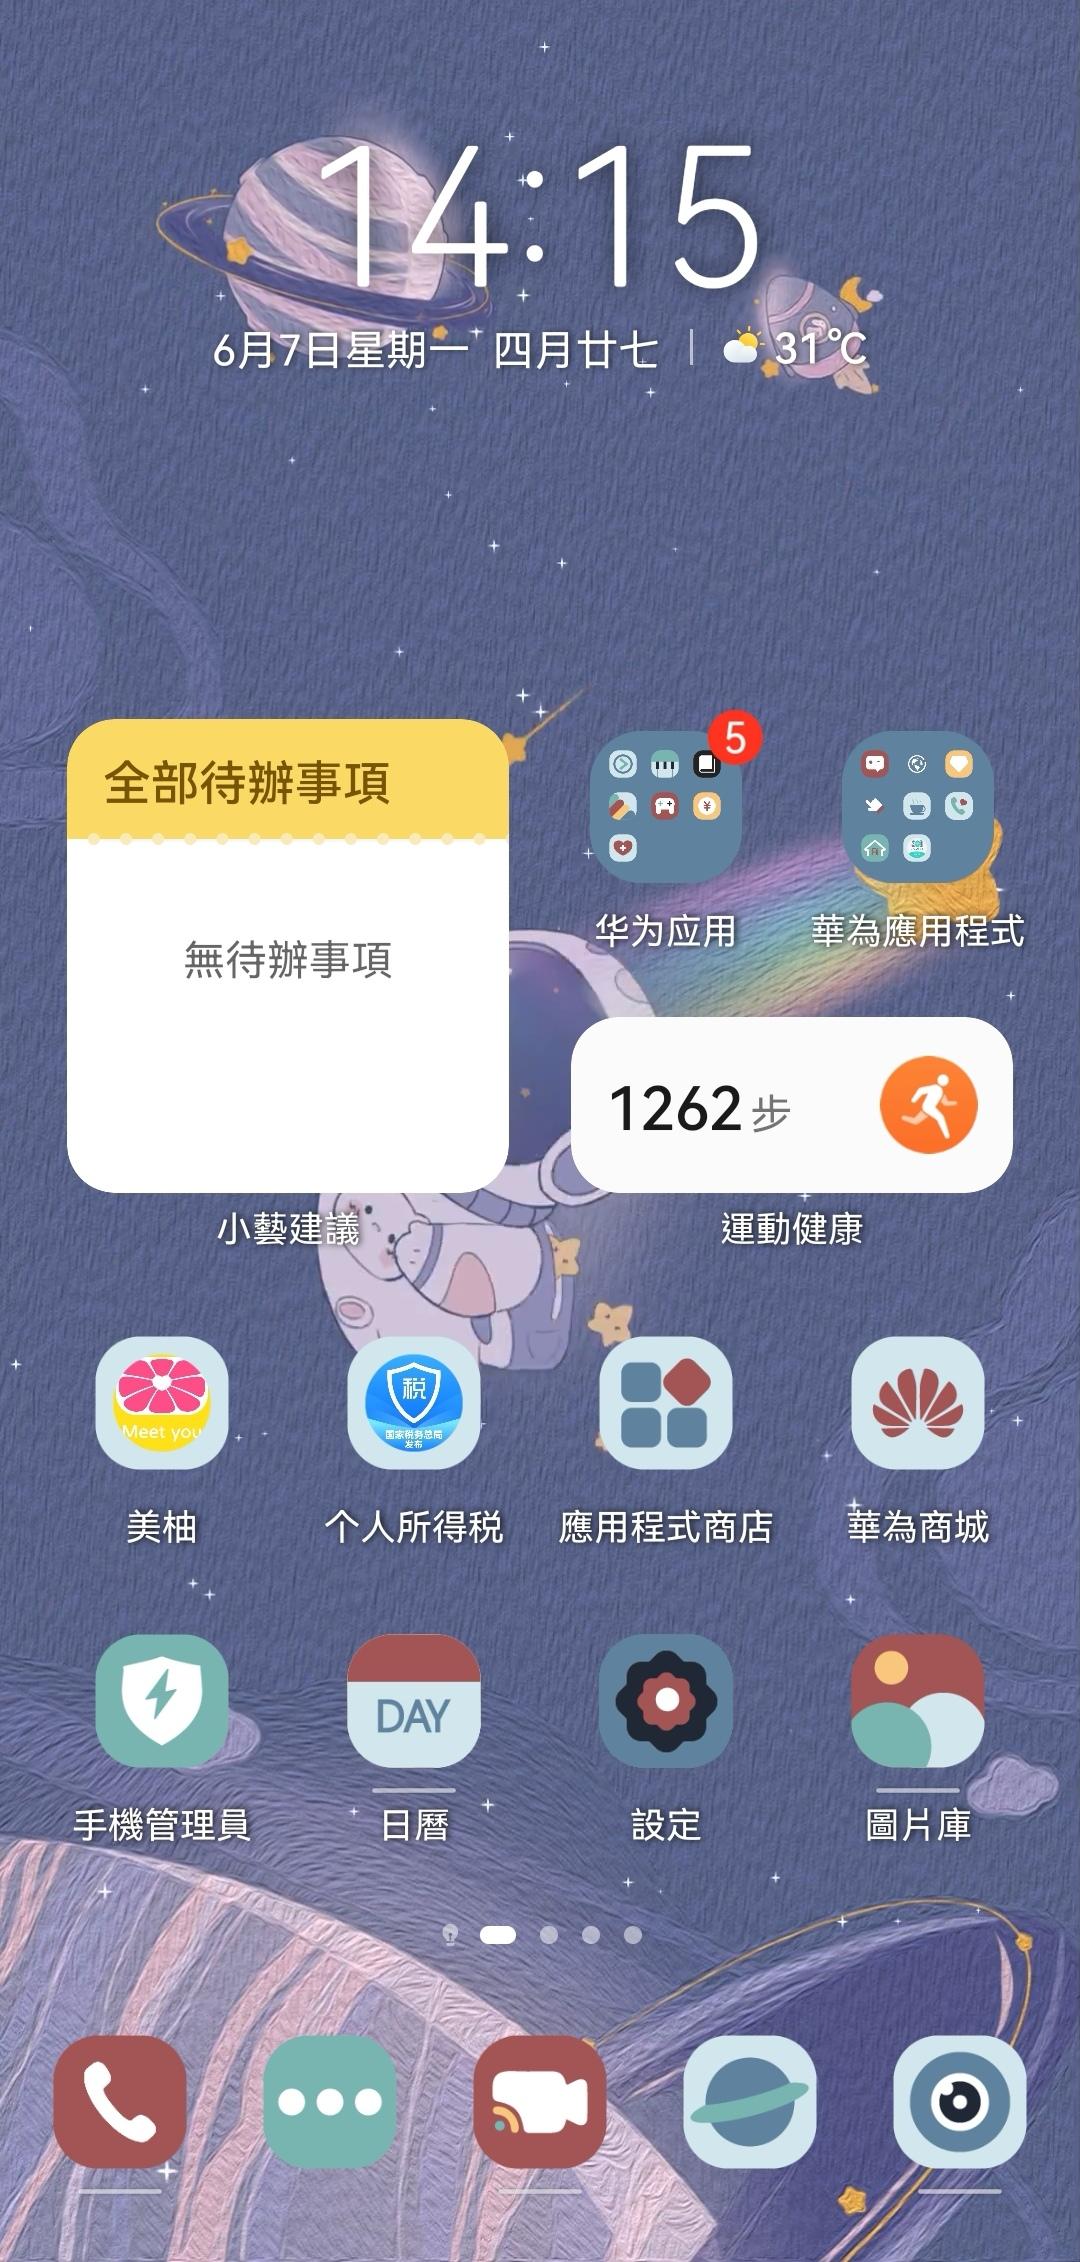 Screenshot_20210607_141746.jpg